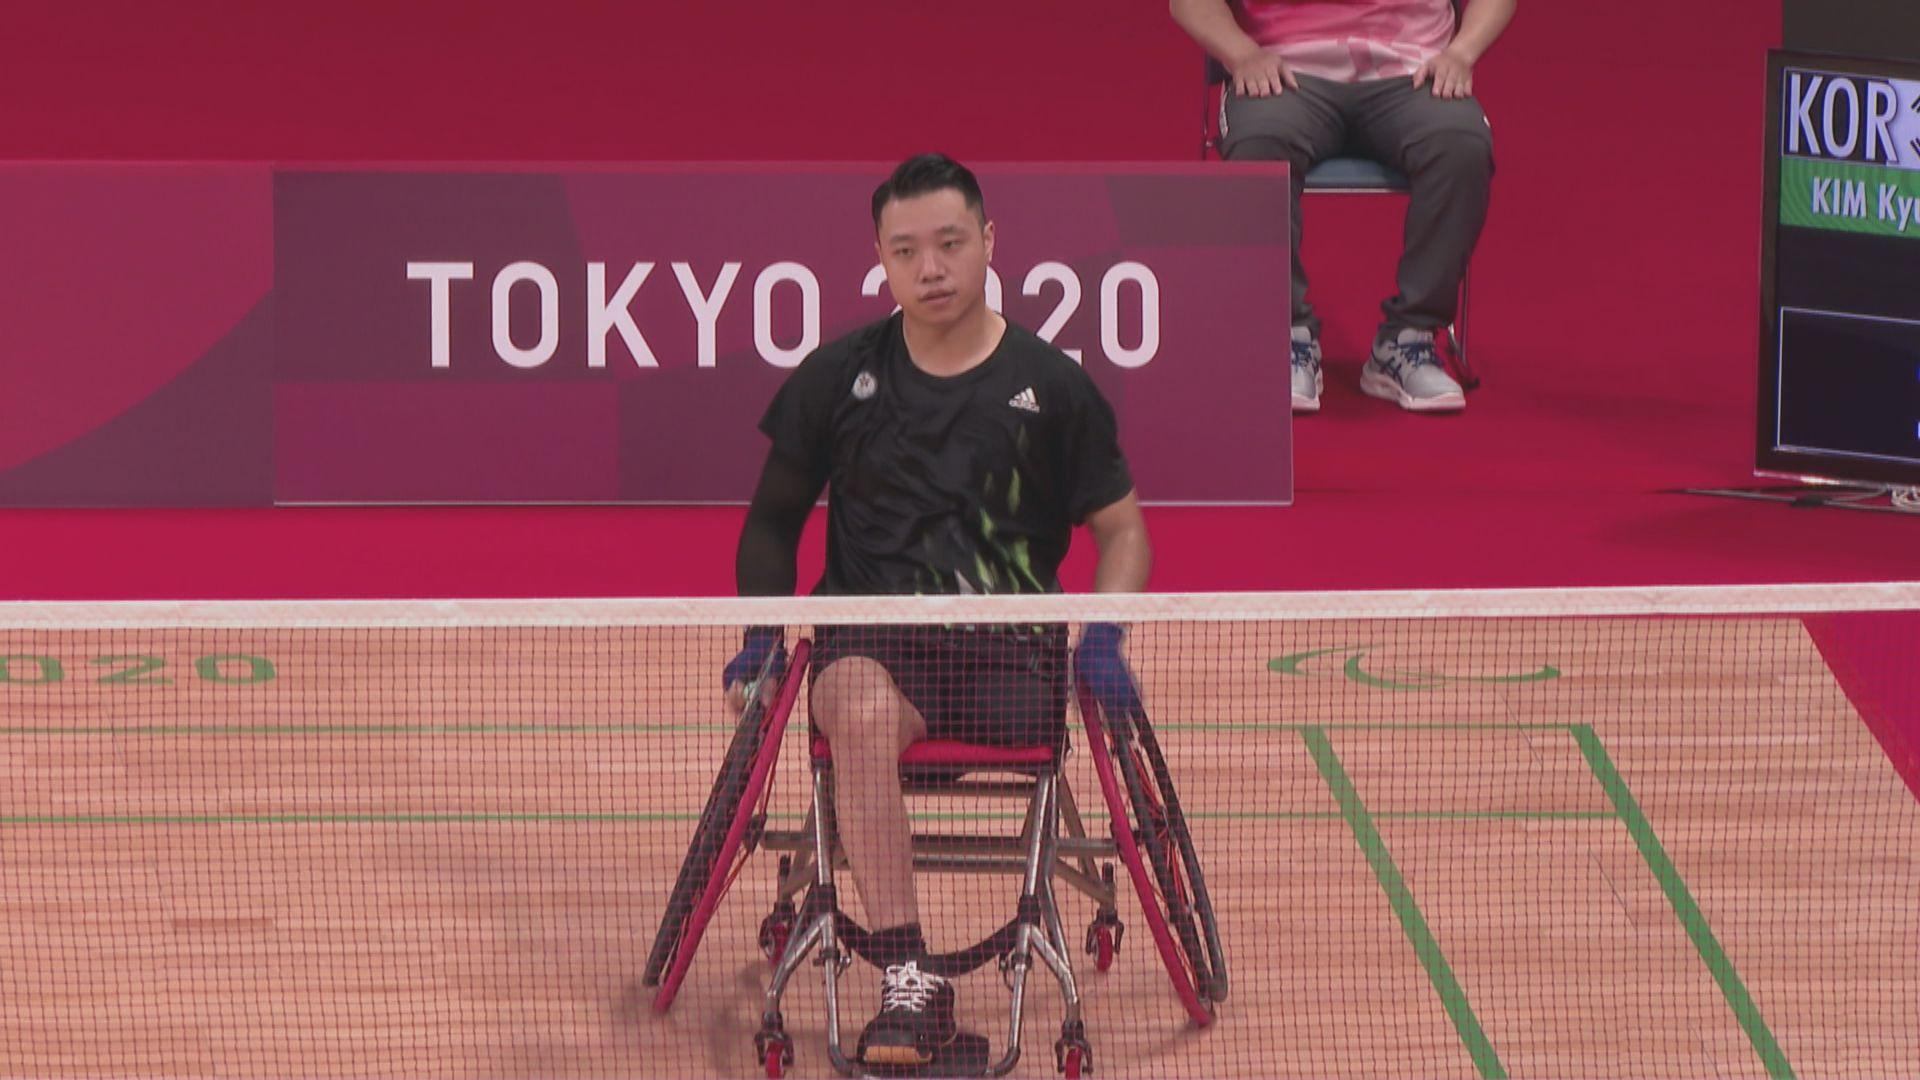 陳浩源輪椅羽毛球奪銅 放眼三年後巴黎殘奧會